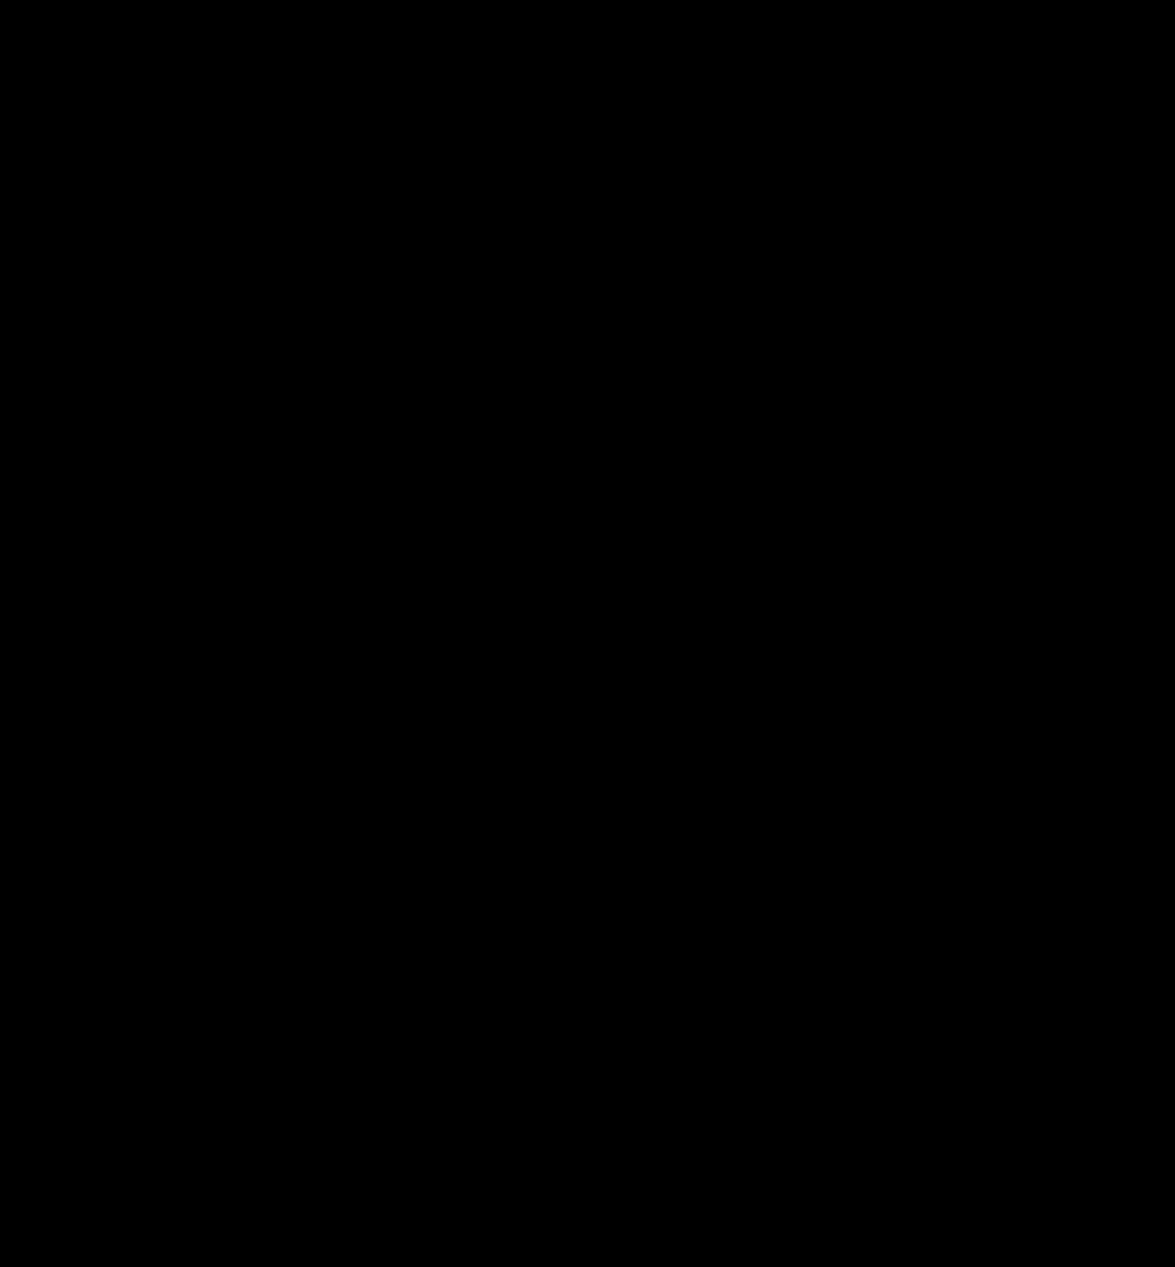 Etodolac impurity I